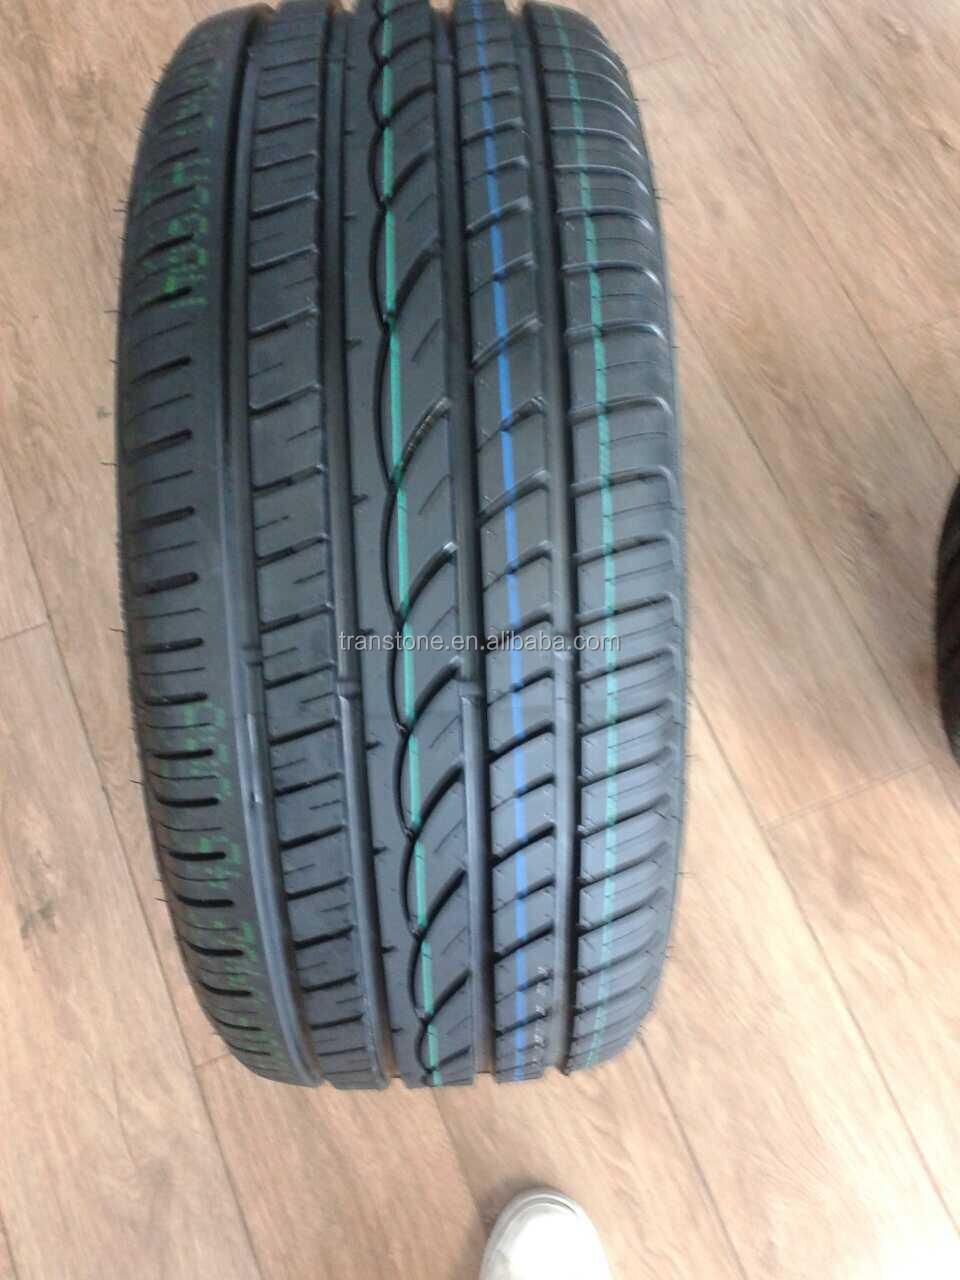 185 60R14 Tires >> Hifly Car Tyres 185 60r14 185 65r14 205 65r15 Pcr Tires Buy Pcr Tires 205 65r15 Hifly Car Tyres Product On Alibaba Com